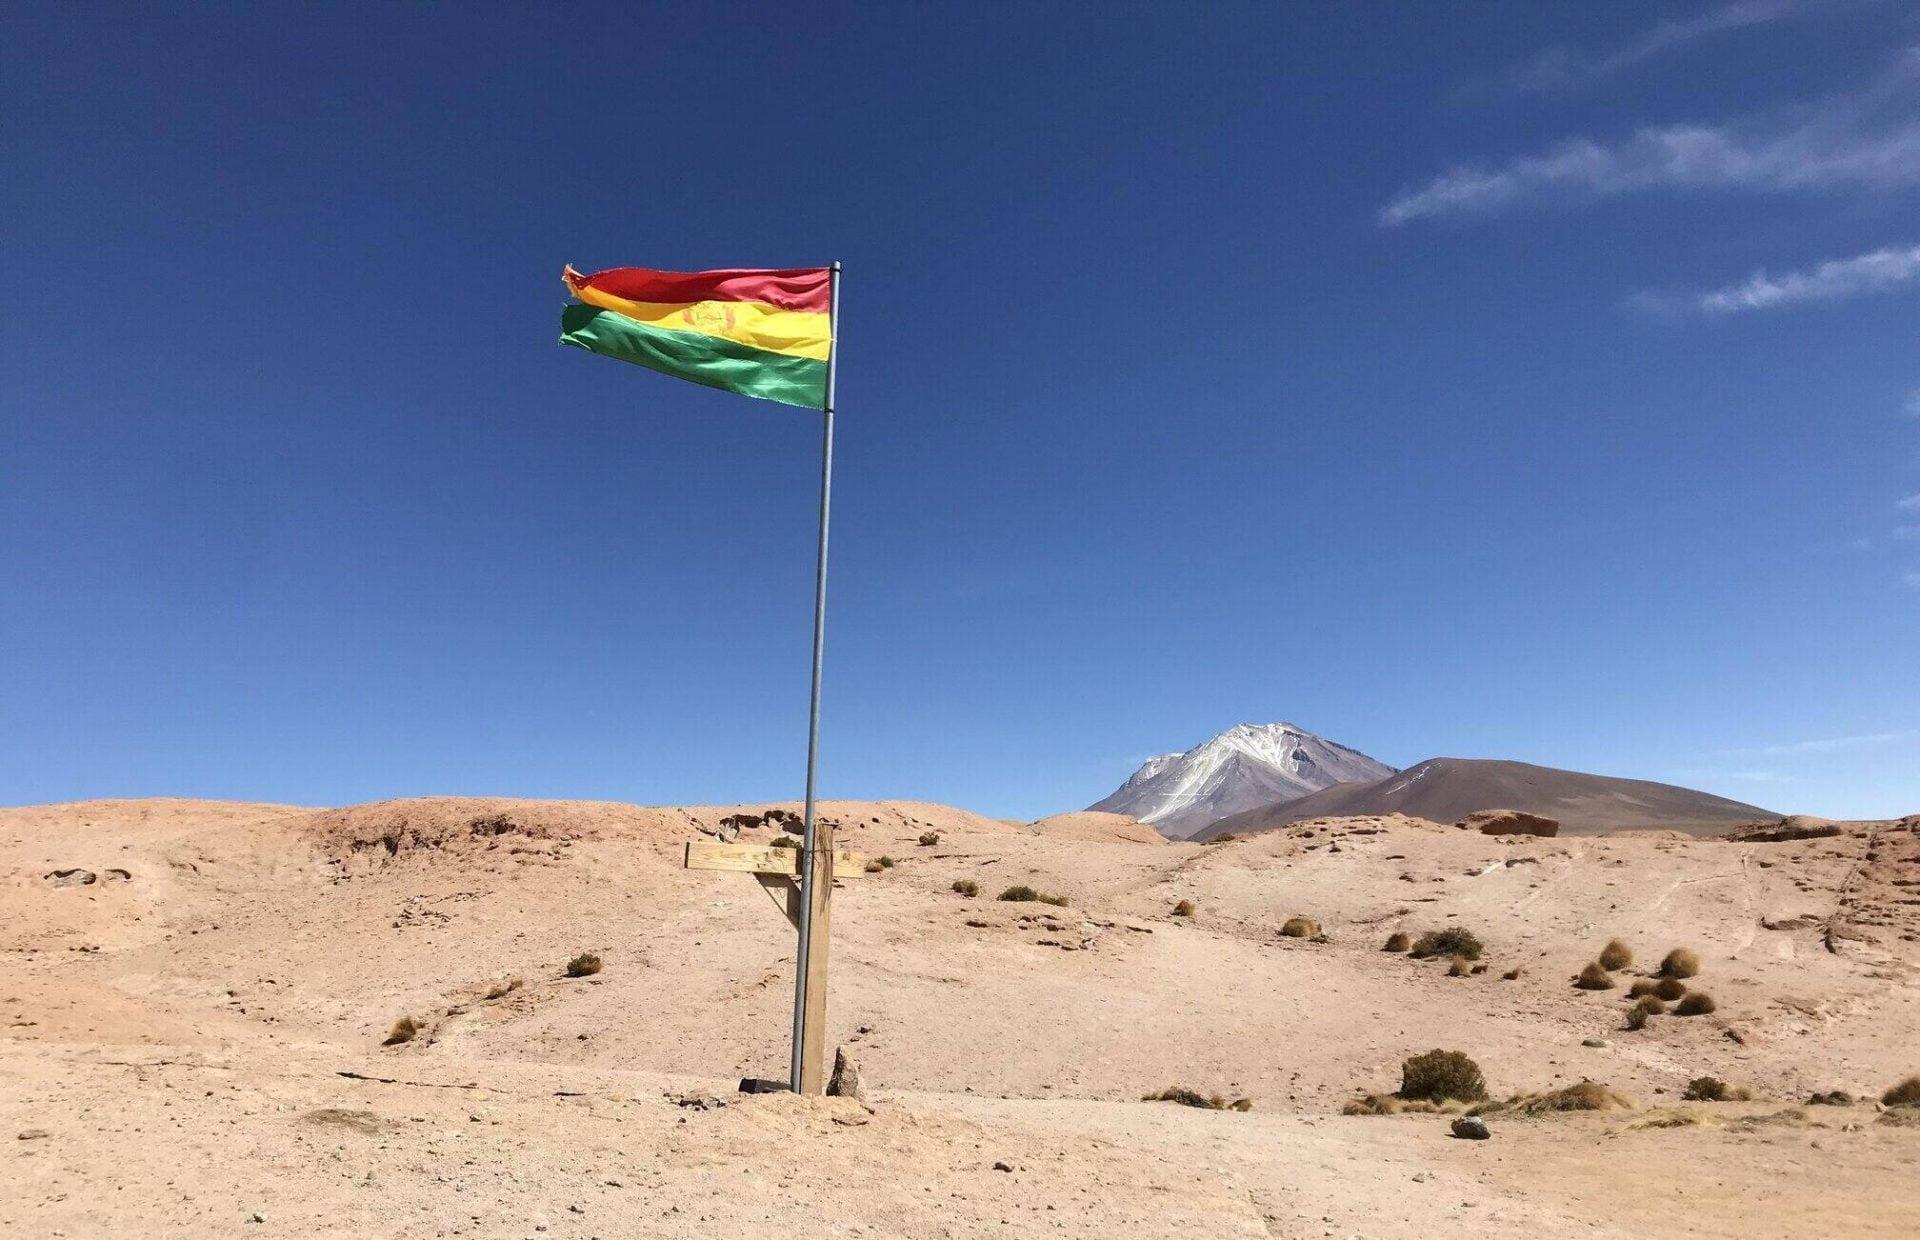 sud america bolivia